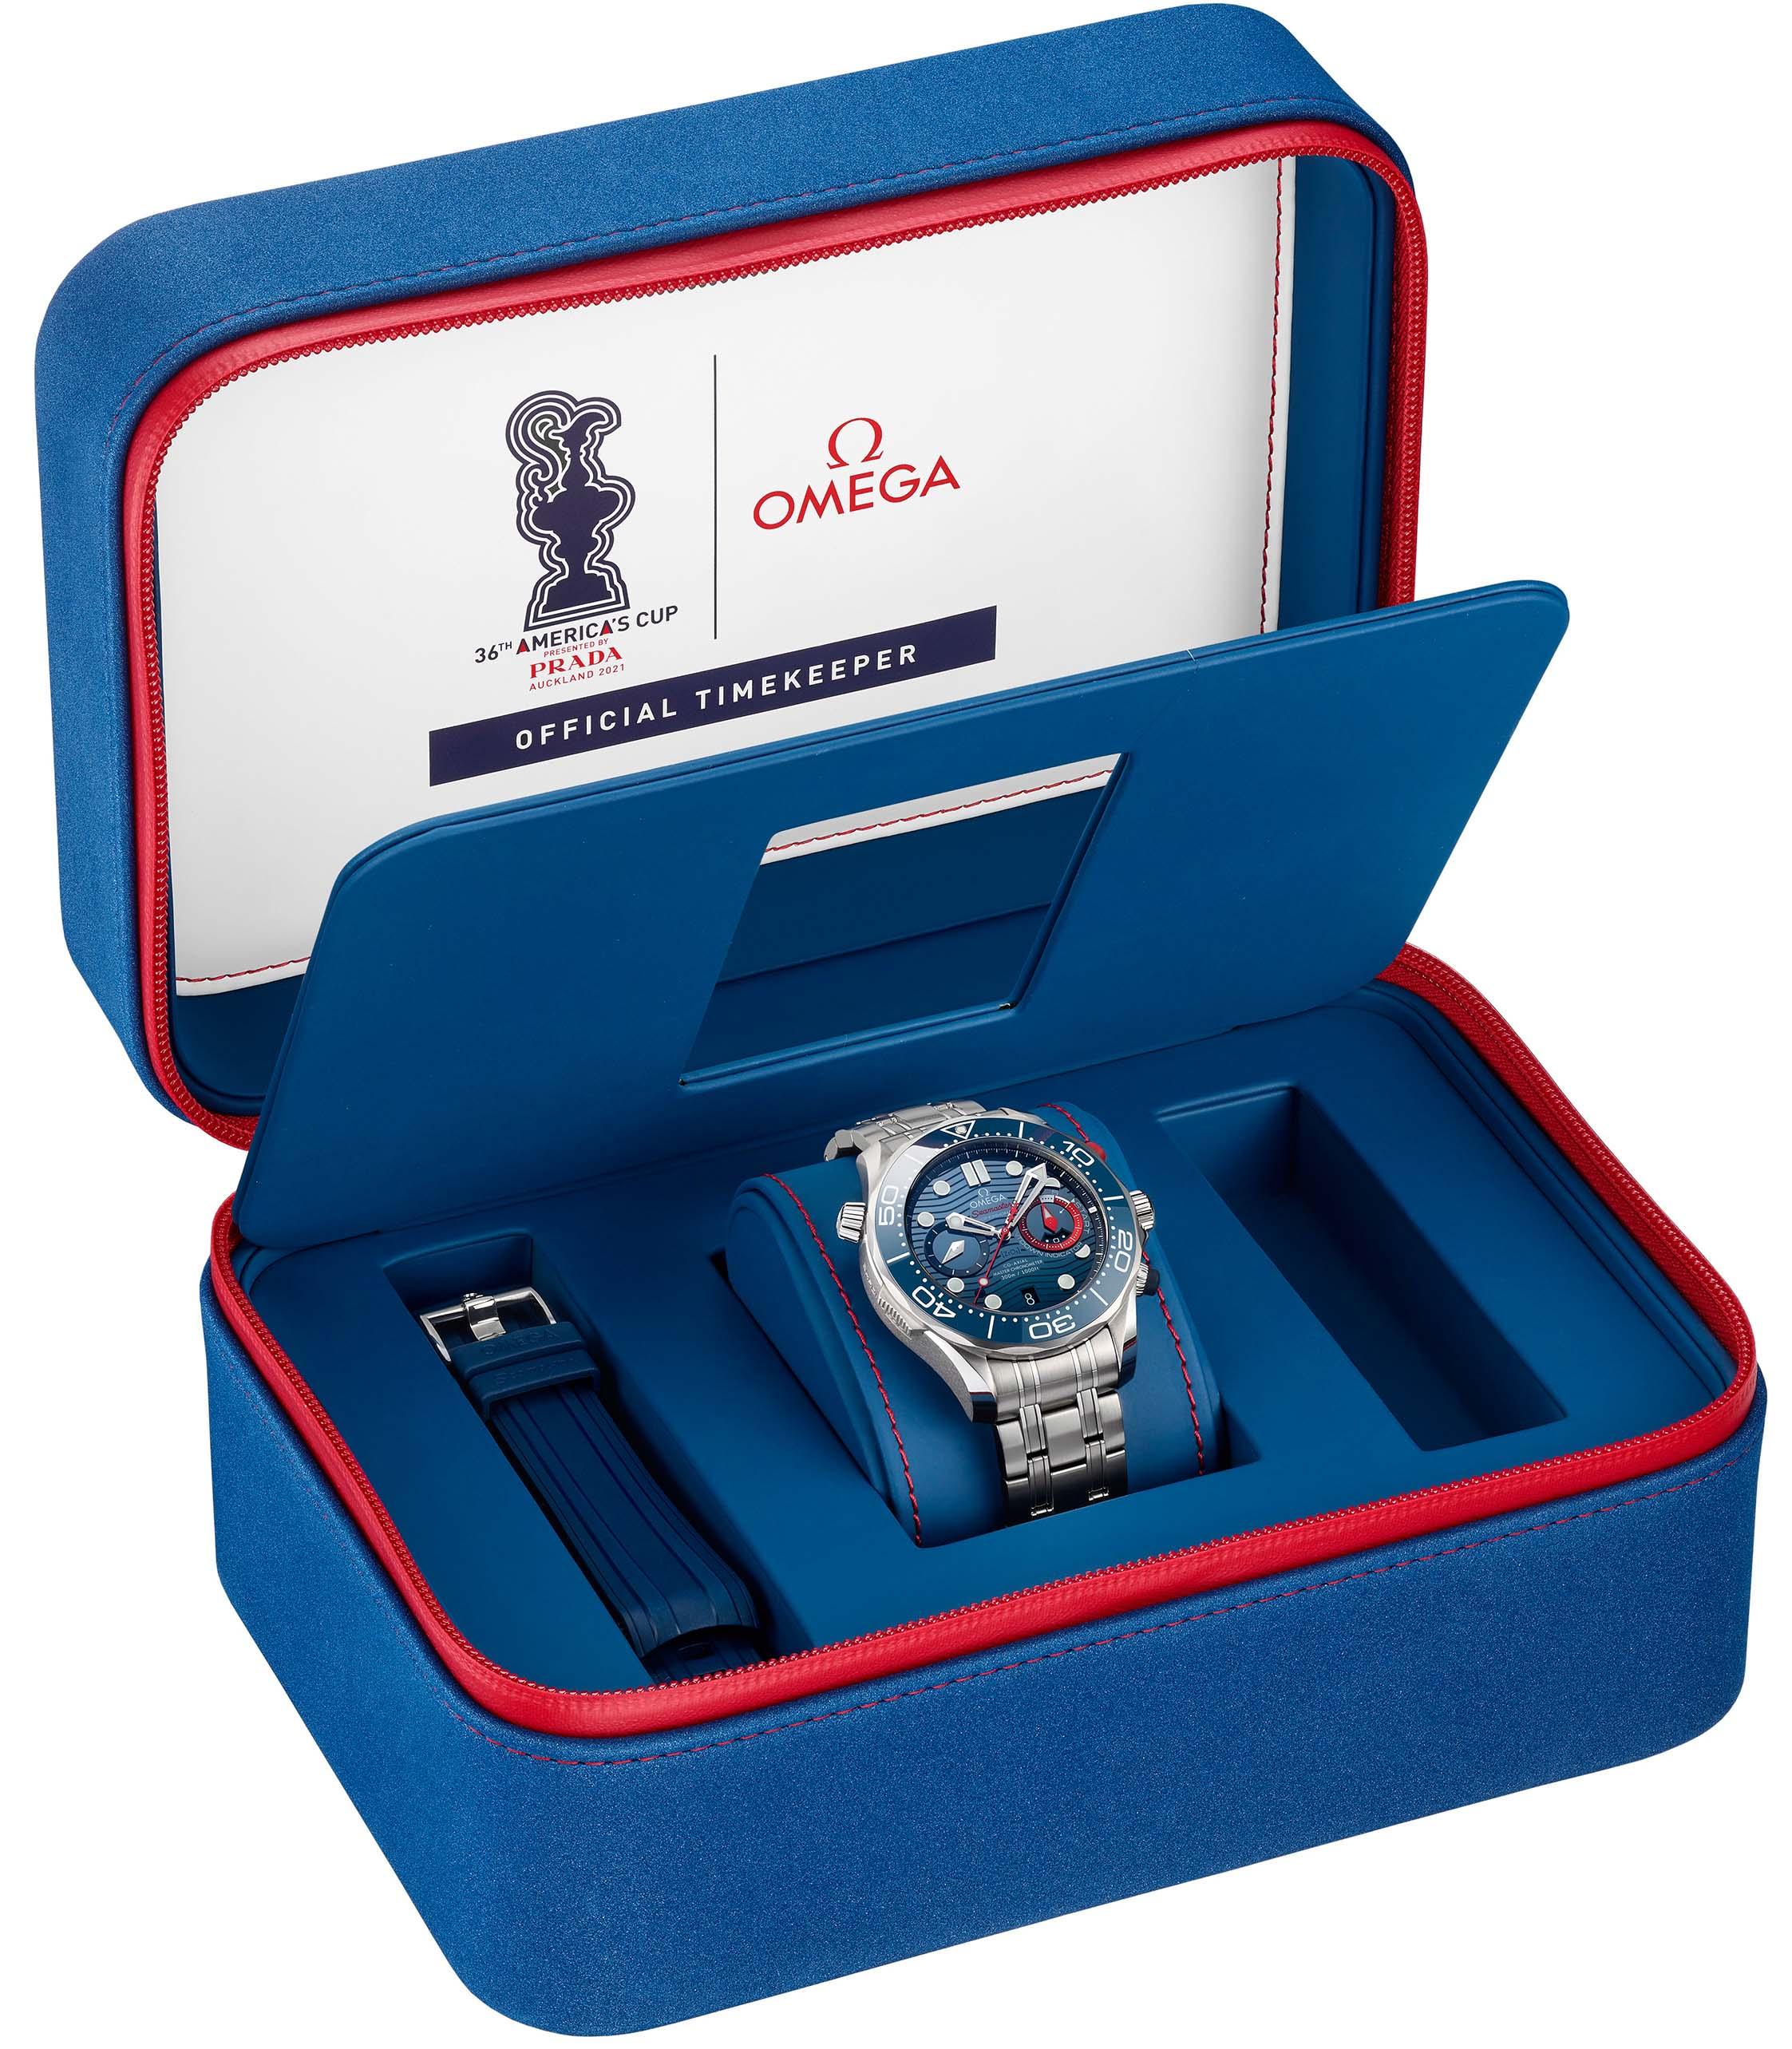 Đánh giá chi tiết đồng hồ Omega Seamaster Diver 300m America's Cup Chronograp